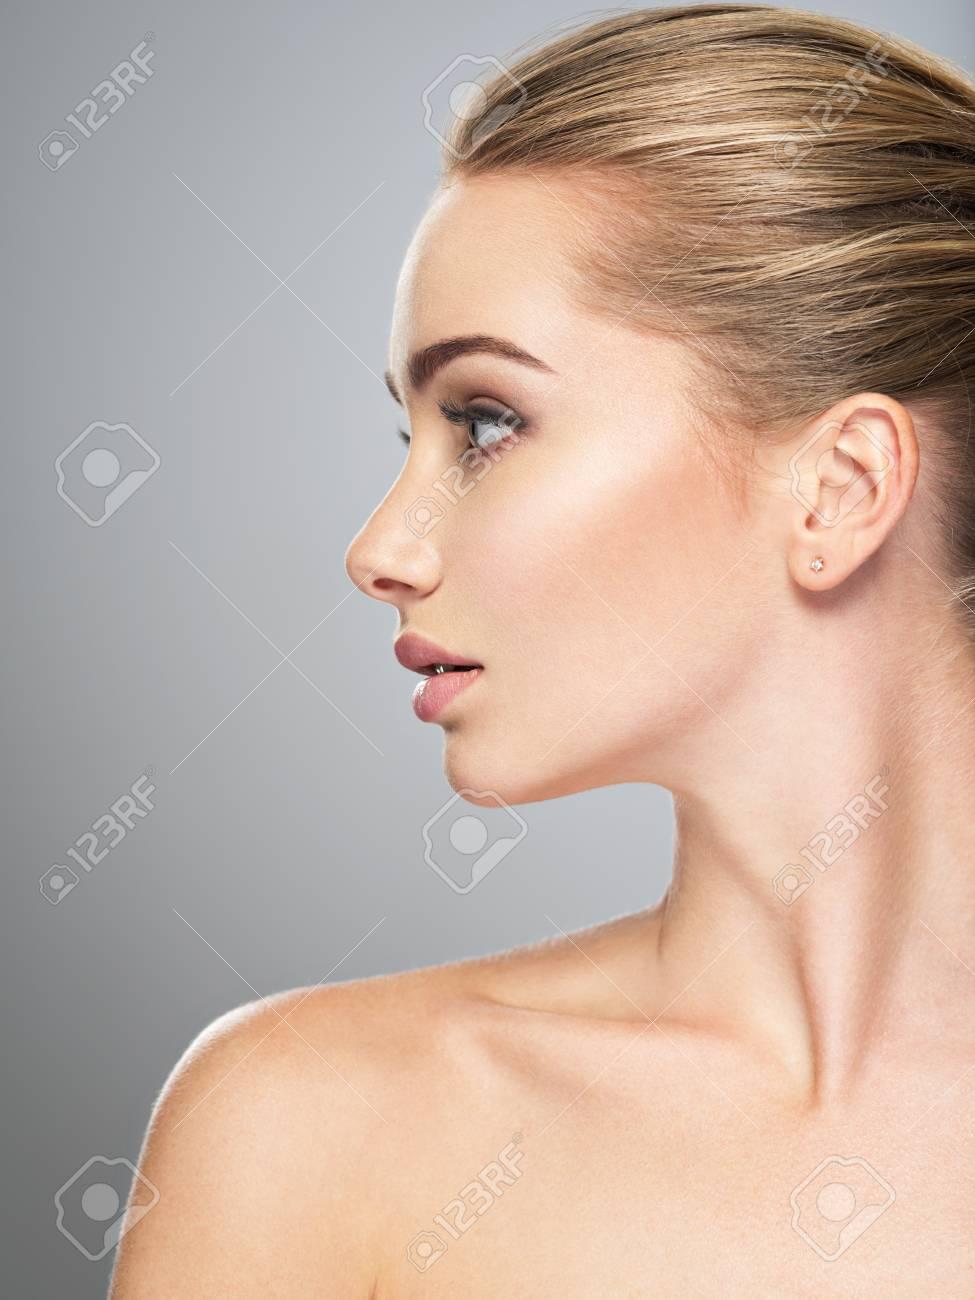 Profile picture face